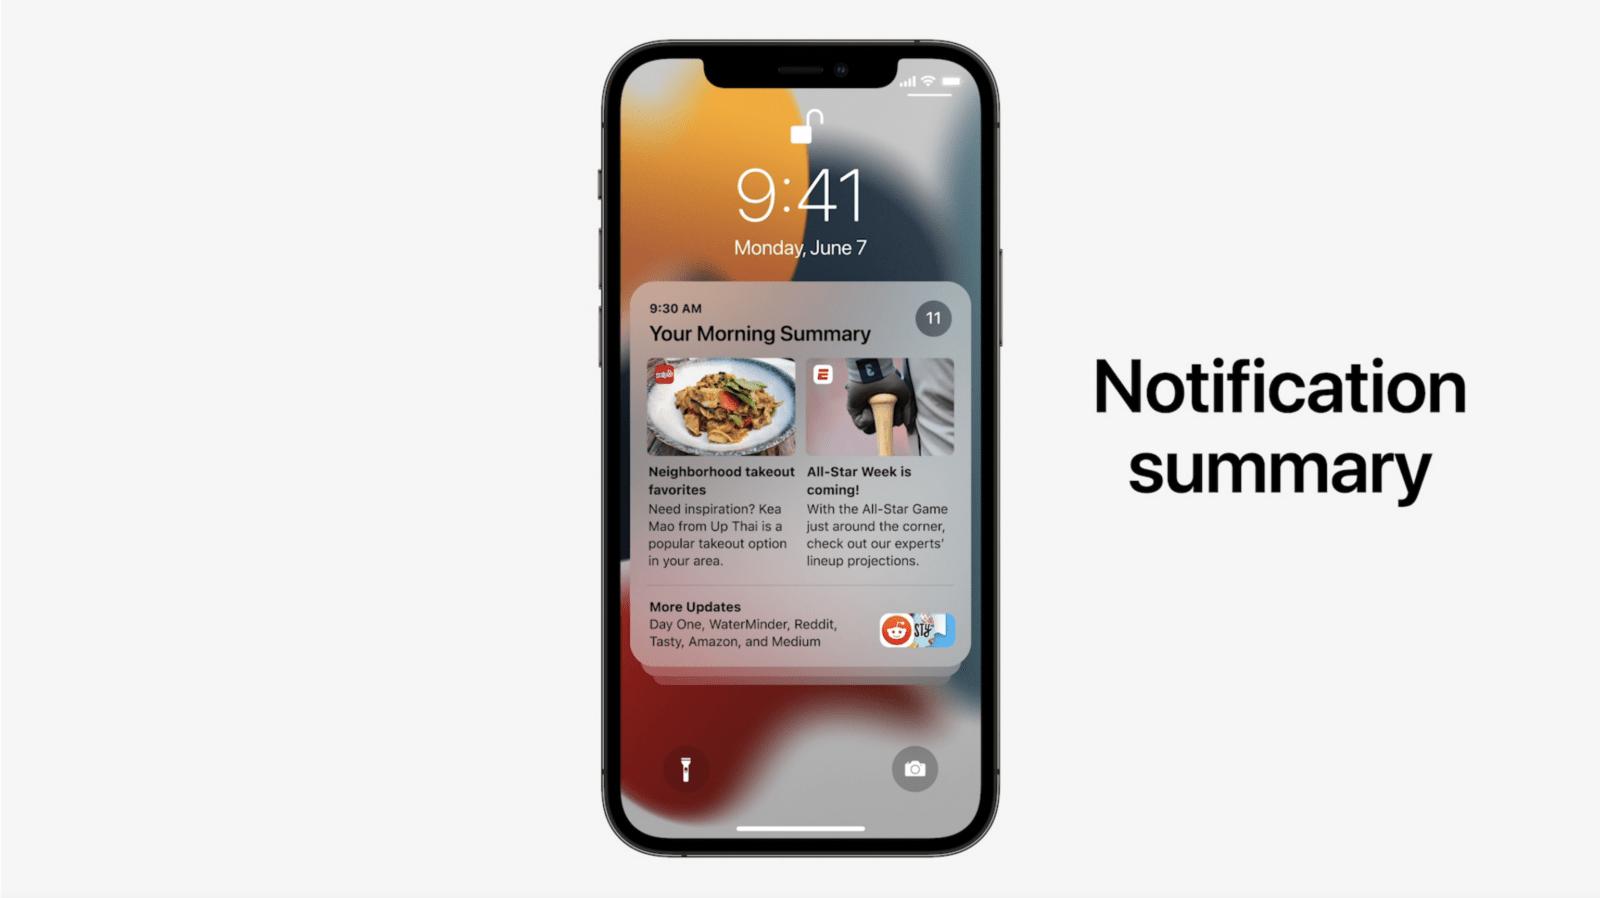 Что показали на WWDC 2021: полный обзор презентации iOS 15, iPadOS 15, watchOS 8 и macOS Monterey (20210607171822 676471 1)